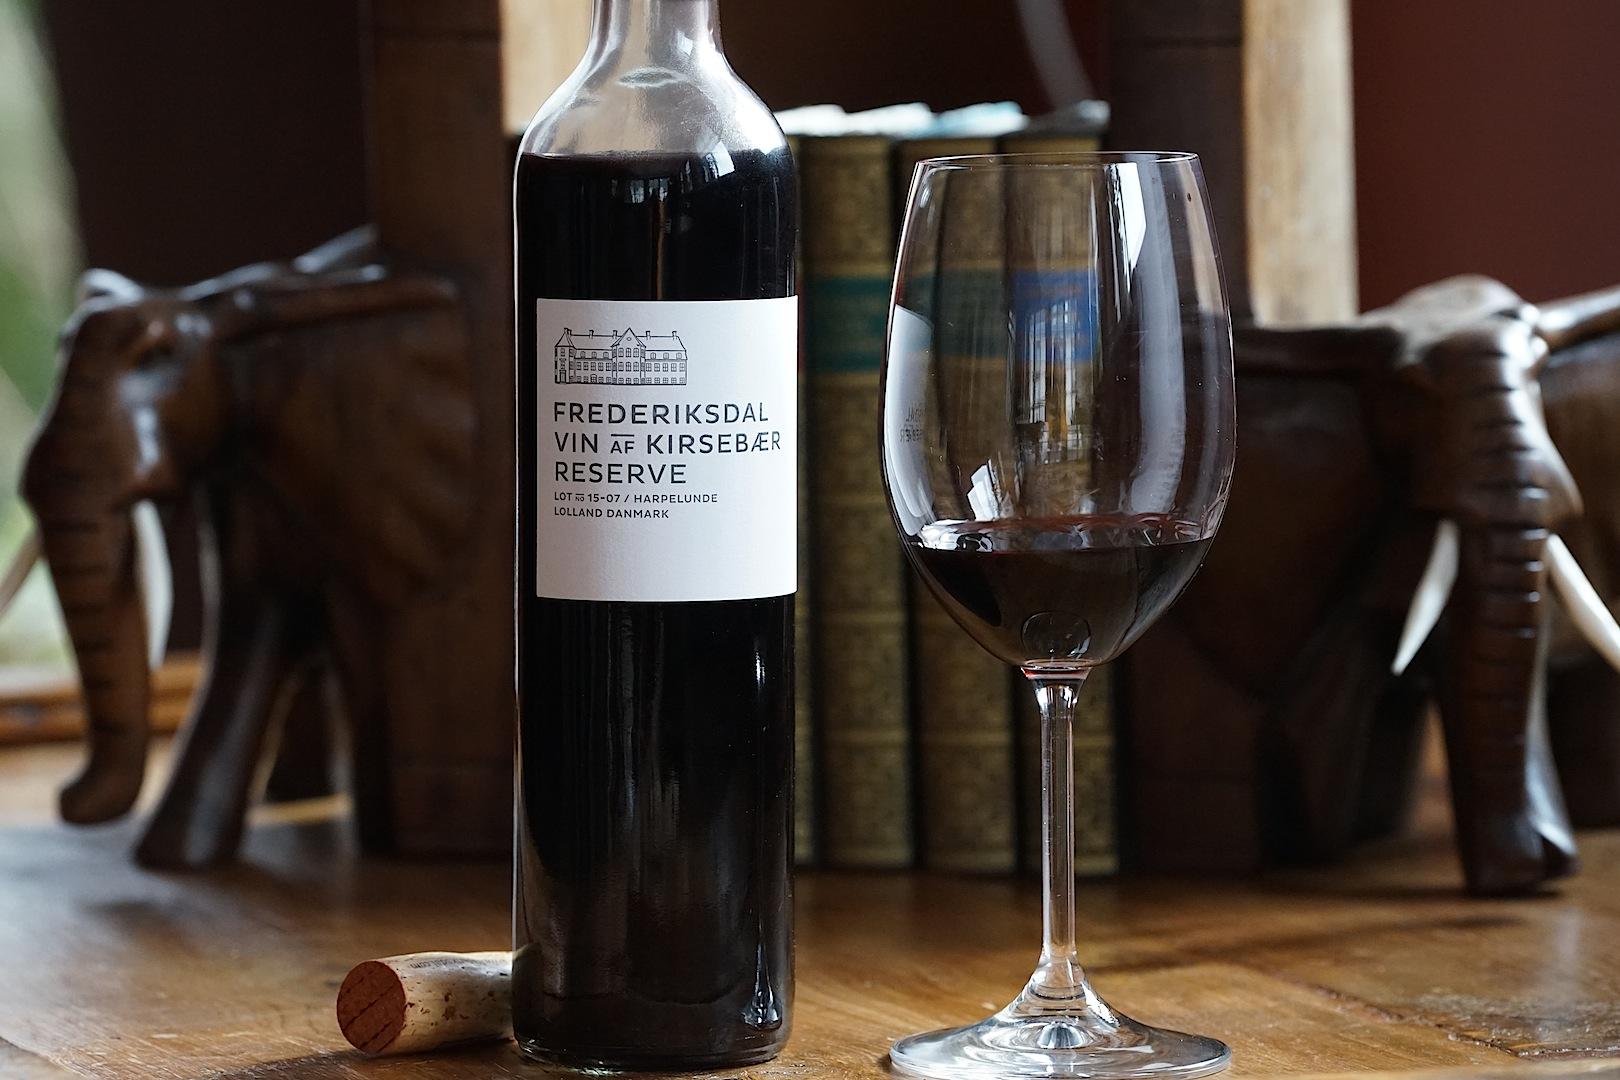 Frederiksdal Vin Kirsebaer Reserve: Erstklassiger Wein aus dänischen Kirschen